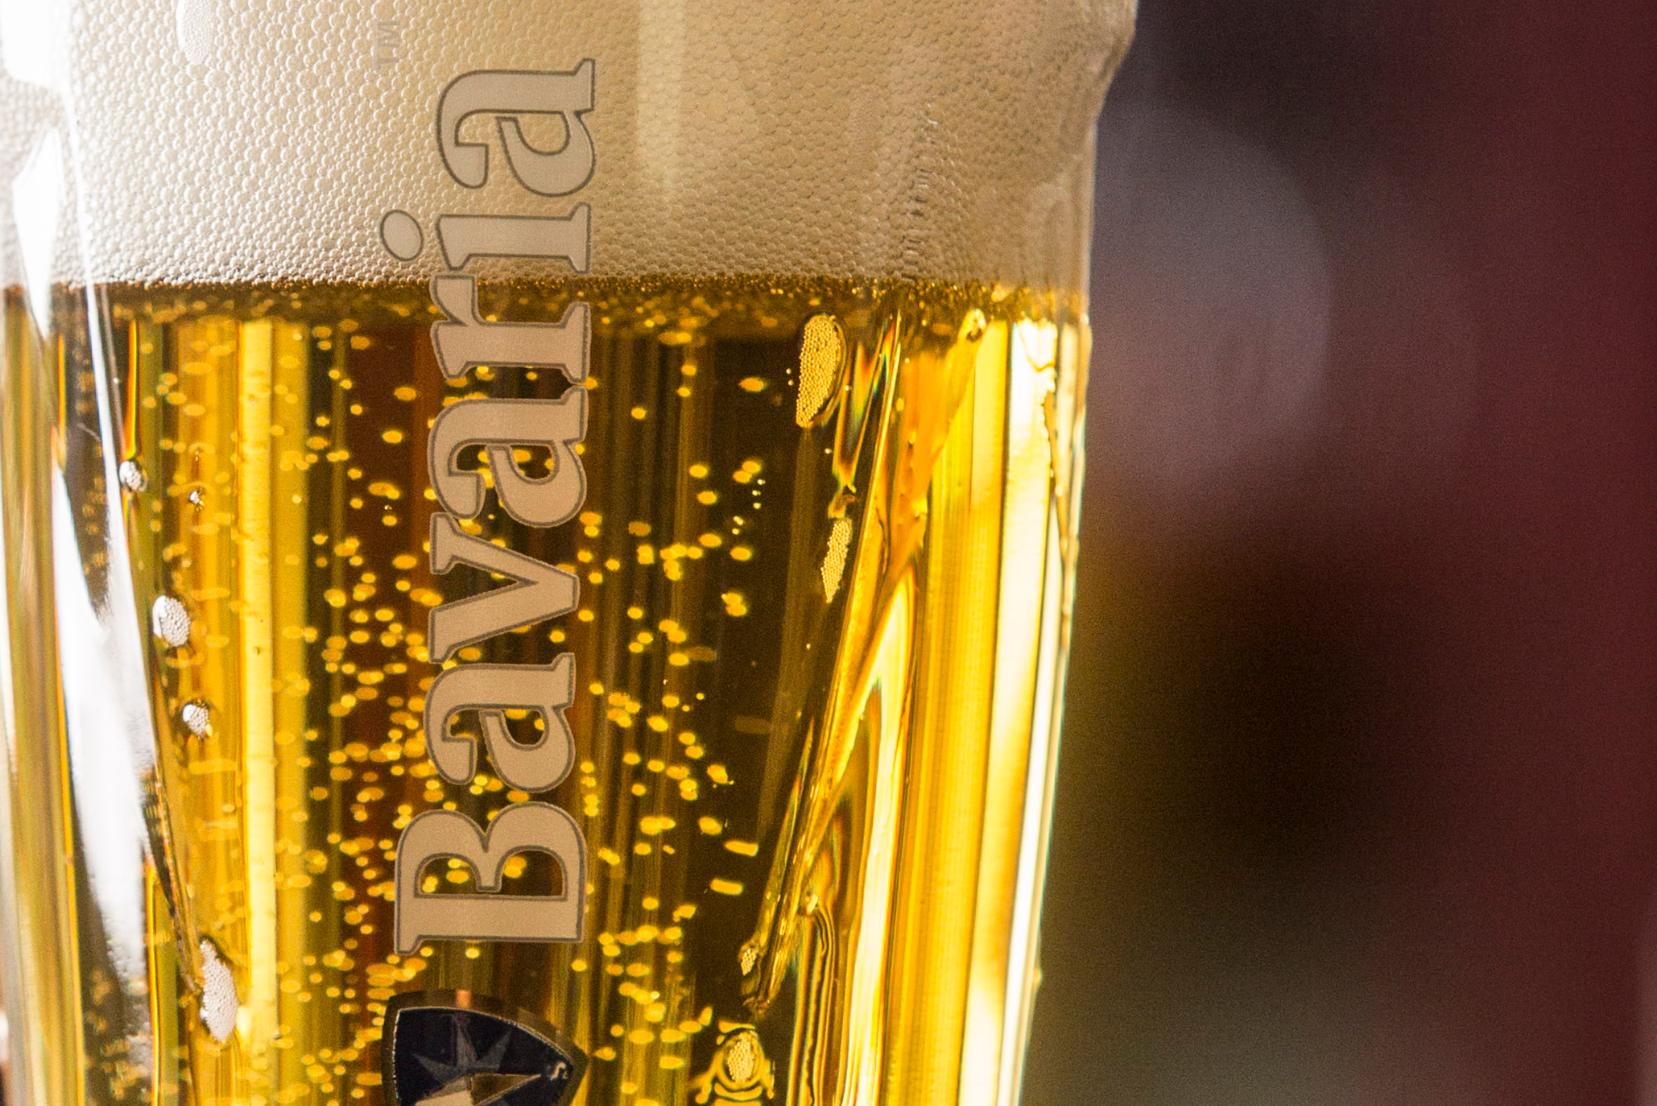 Meer nieuws over Bavaria?